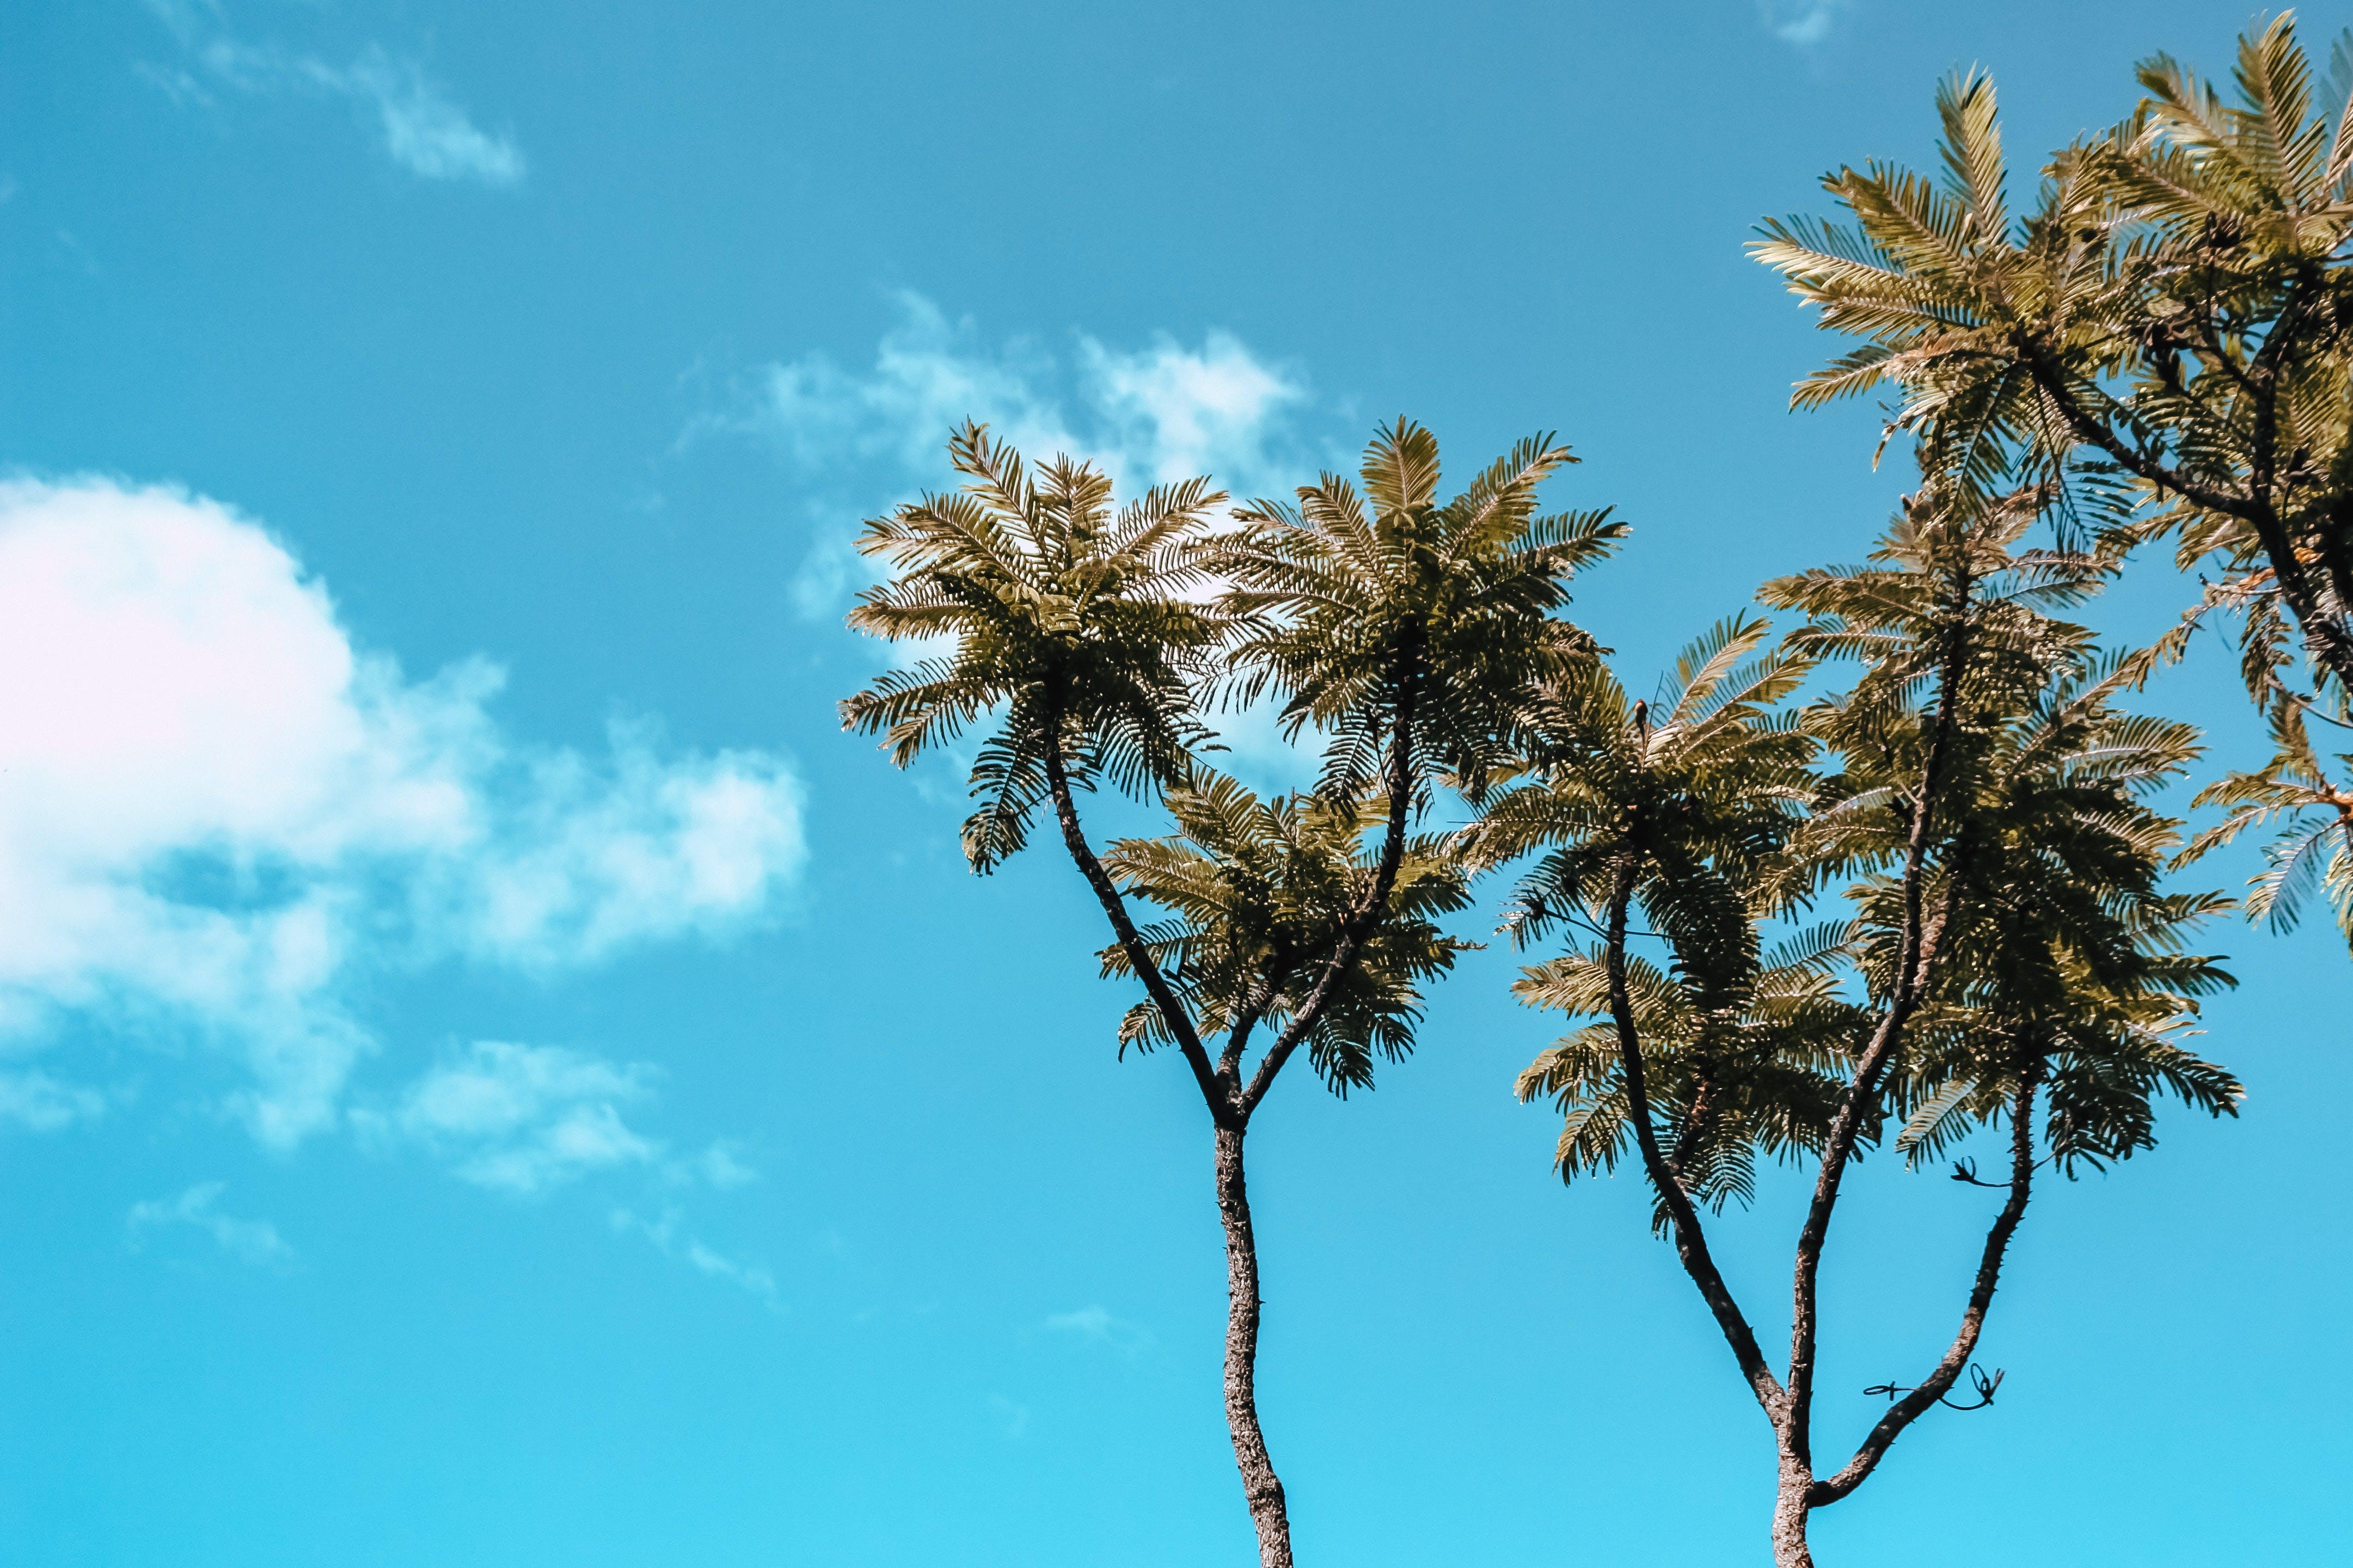 Δωρεάν στοκ φωτογραφιών με δέντρα, ουρανός, προοπτική, φως της ημέρας